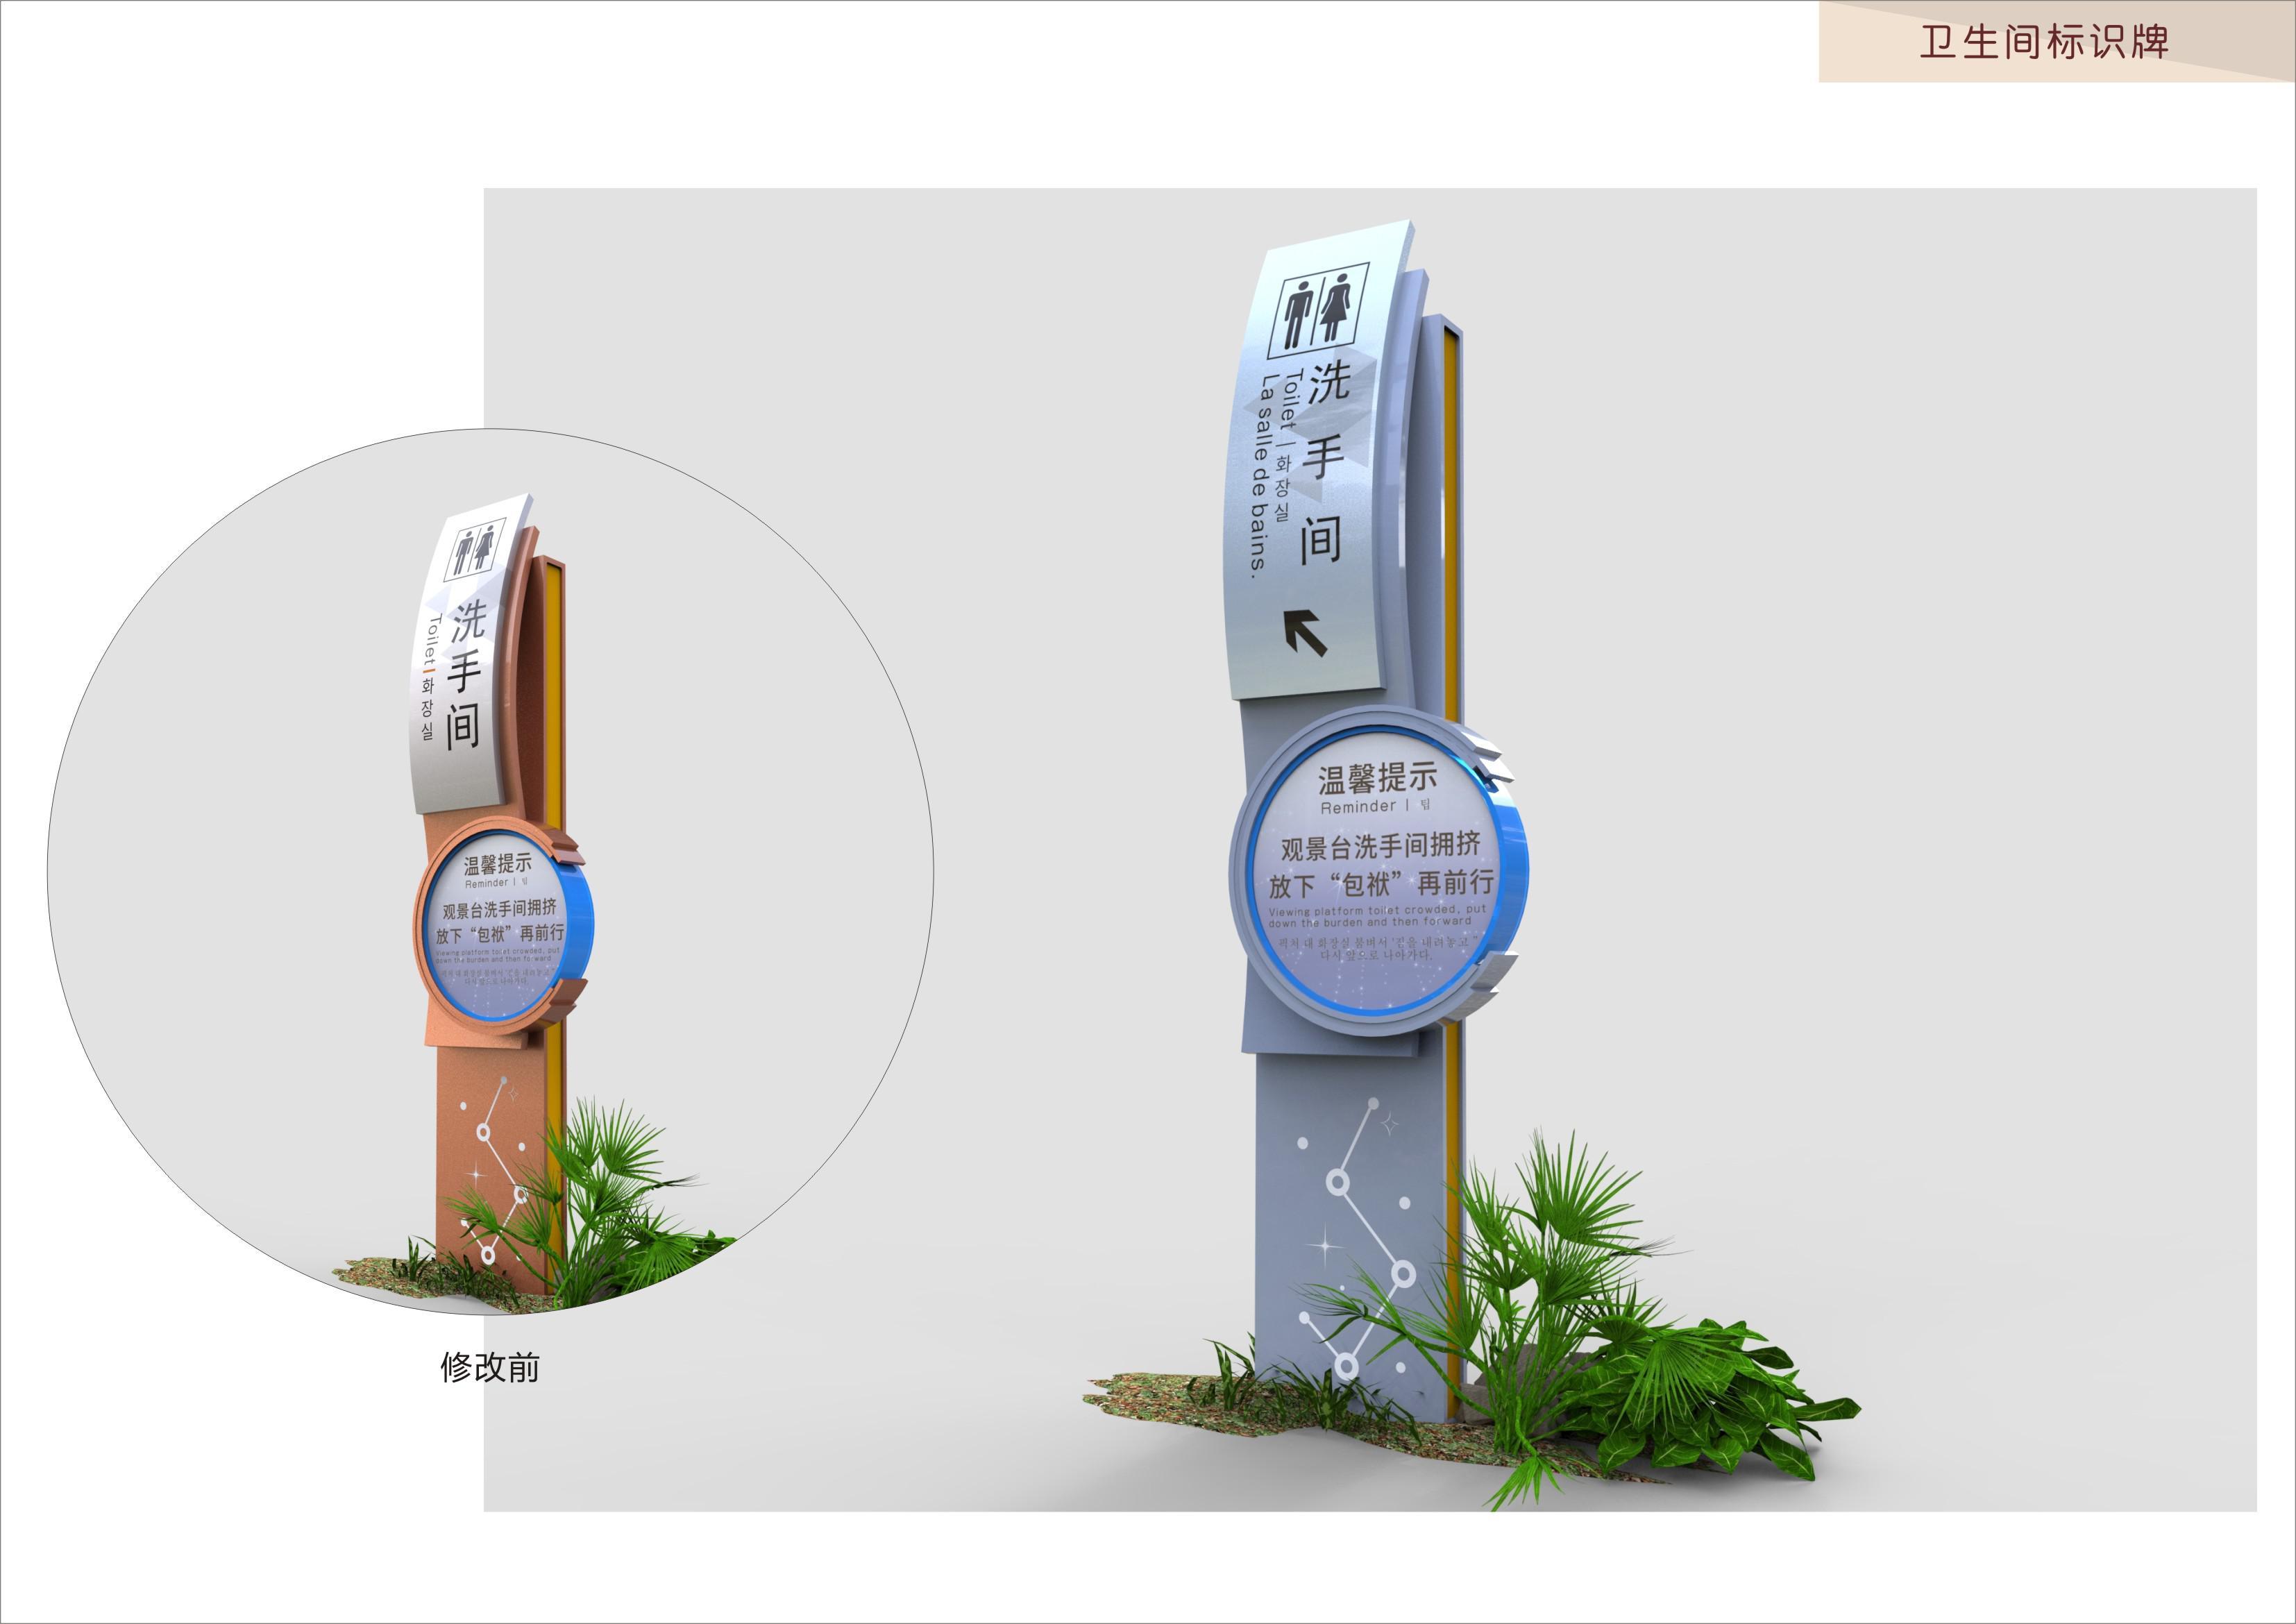 中国天眼.观景台导视系统规划设计